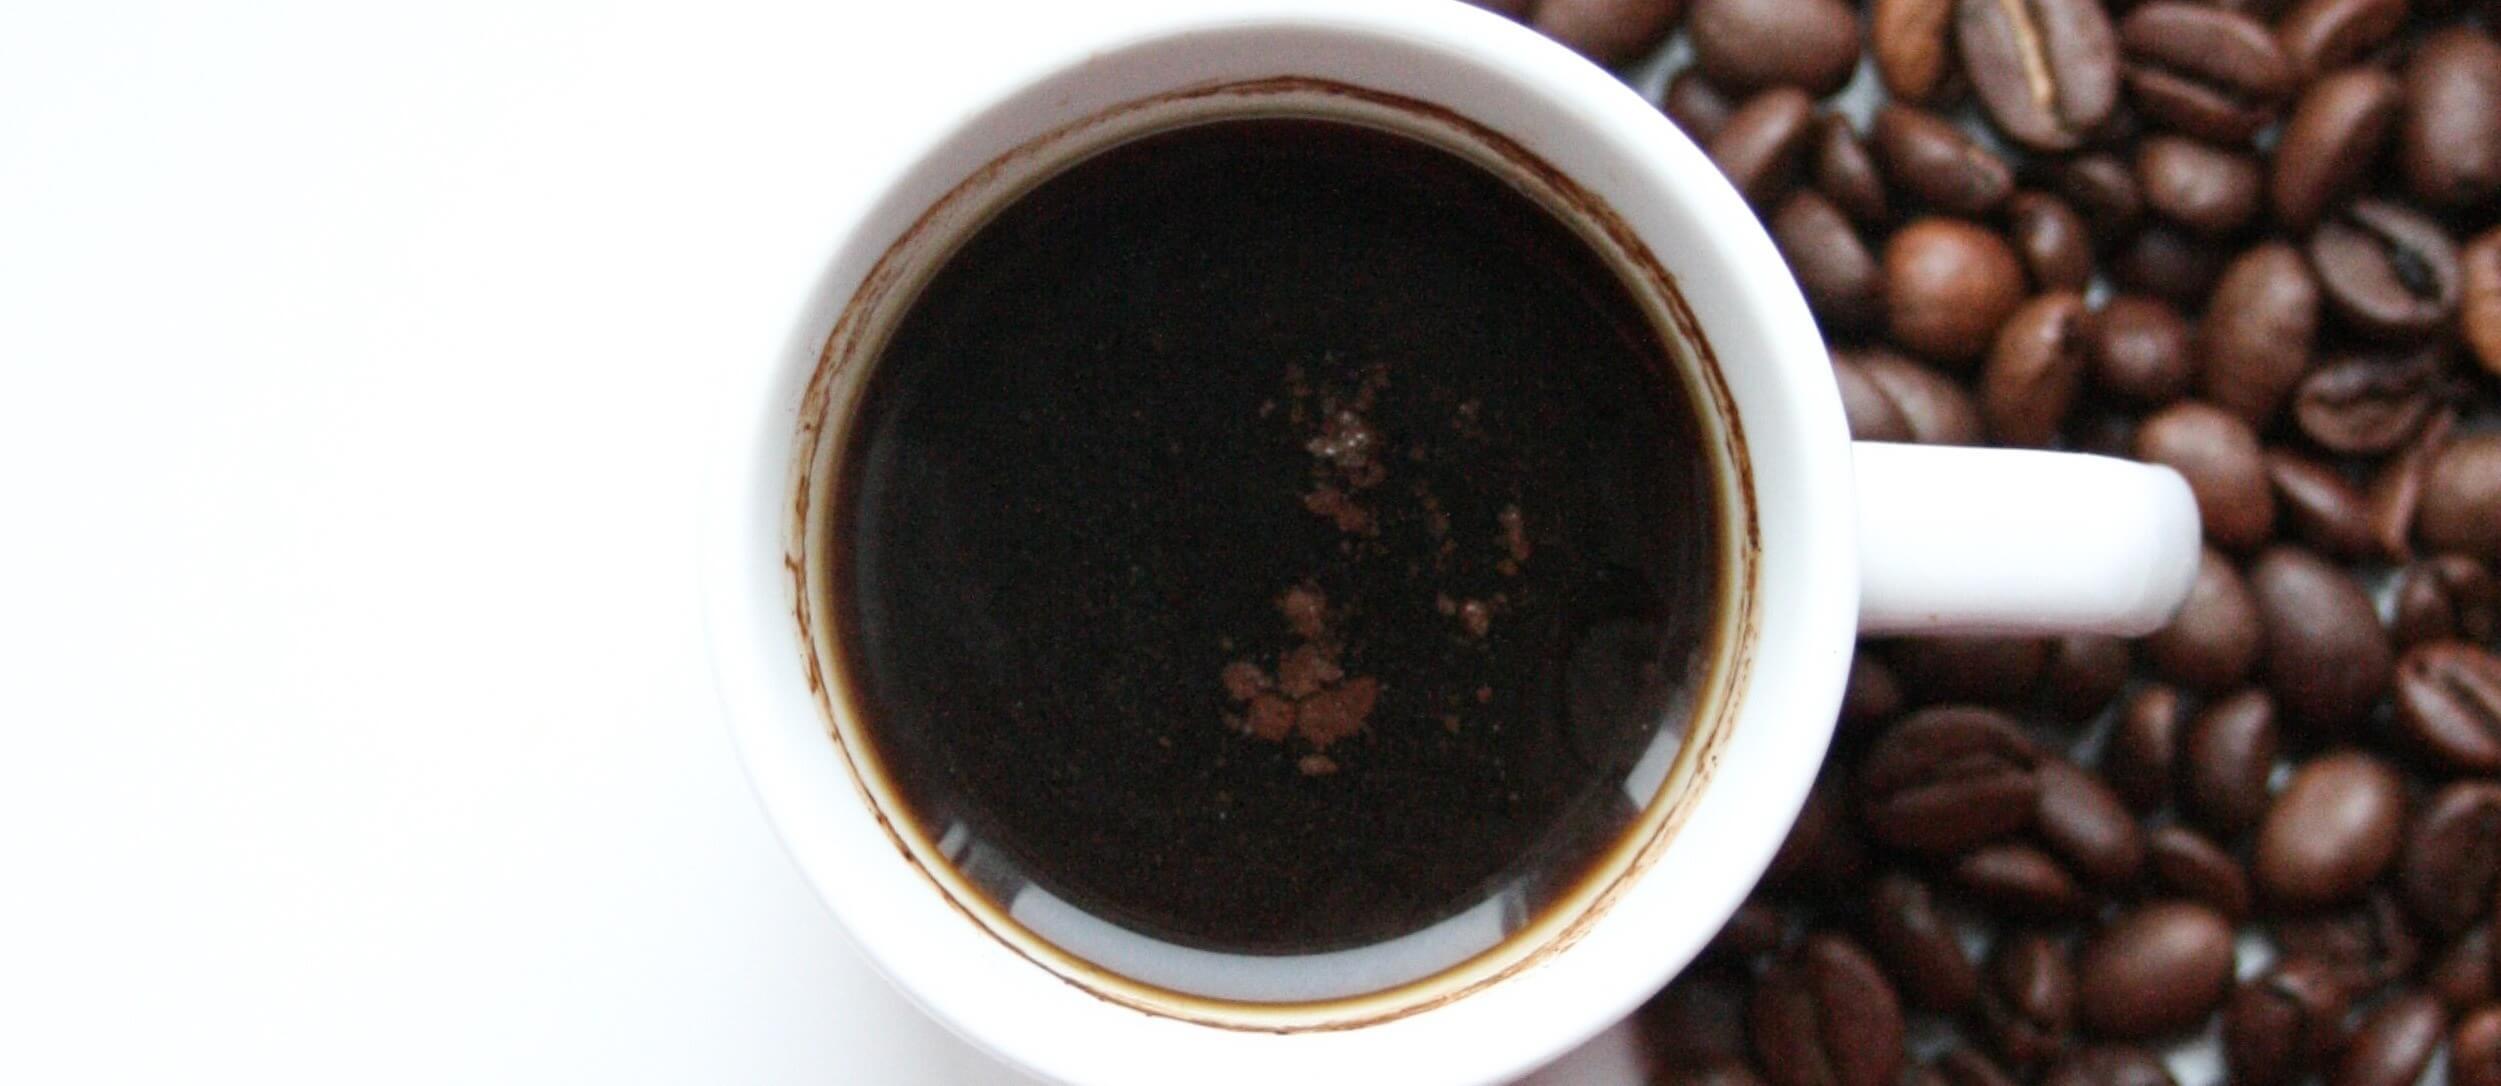 קפה לחוקן שממריץ את הכבד ועוזר לנקות רעלים מהגוף ביעילות גבוהה מאוד